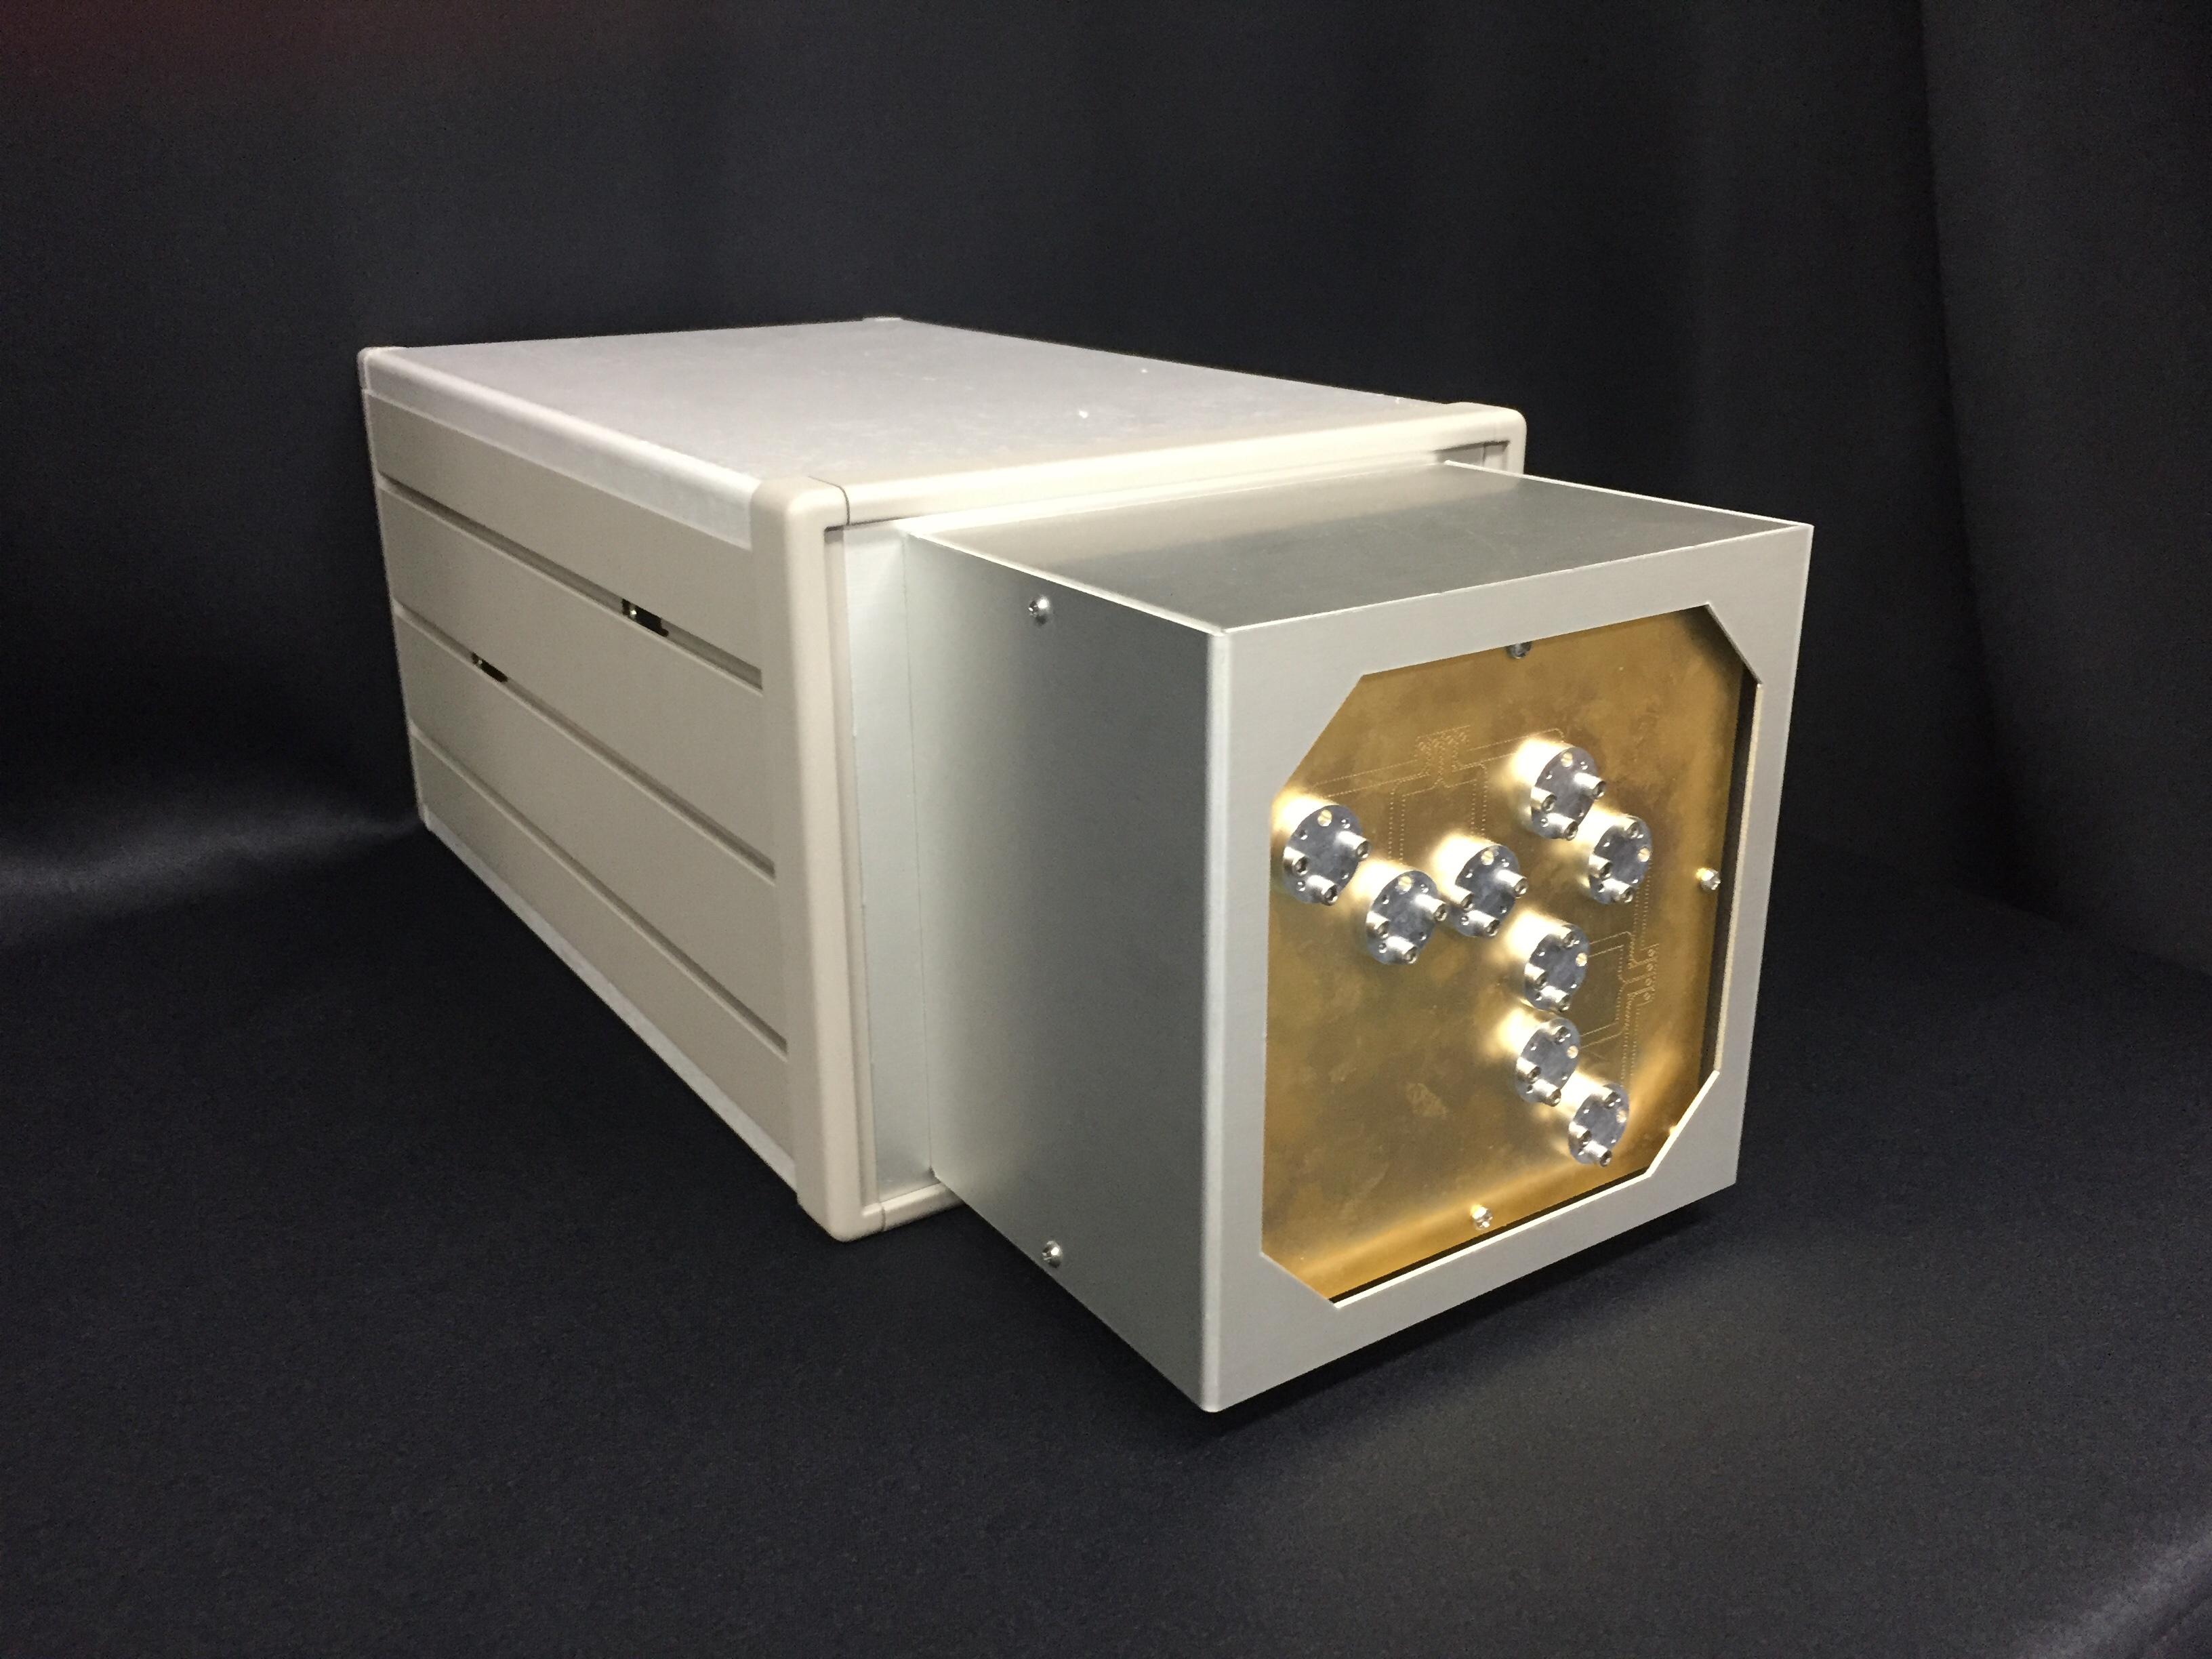 高感度スペクトラム拡散ミリ波レーダー(試作機)